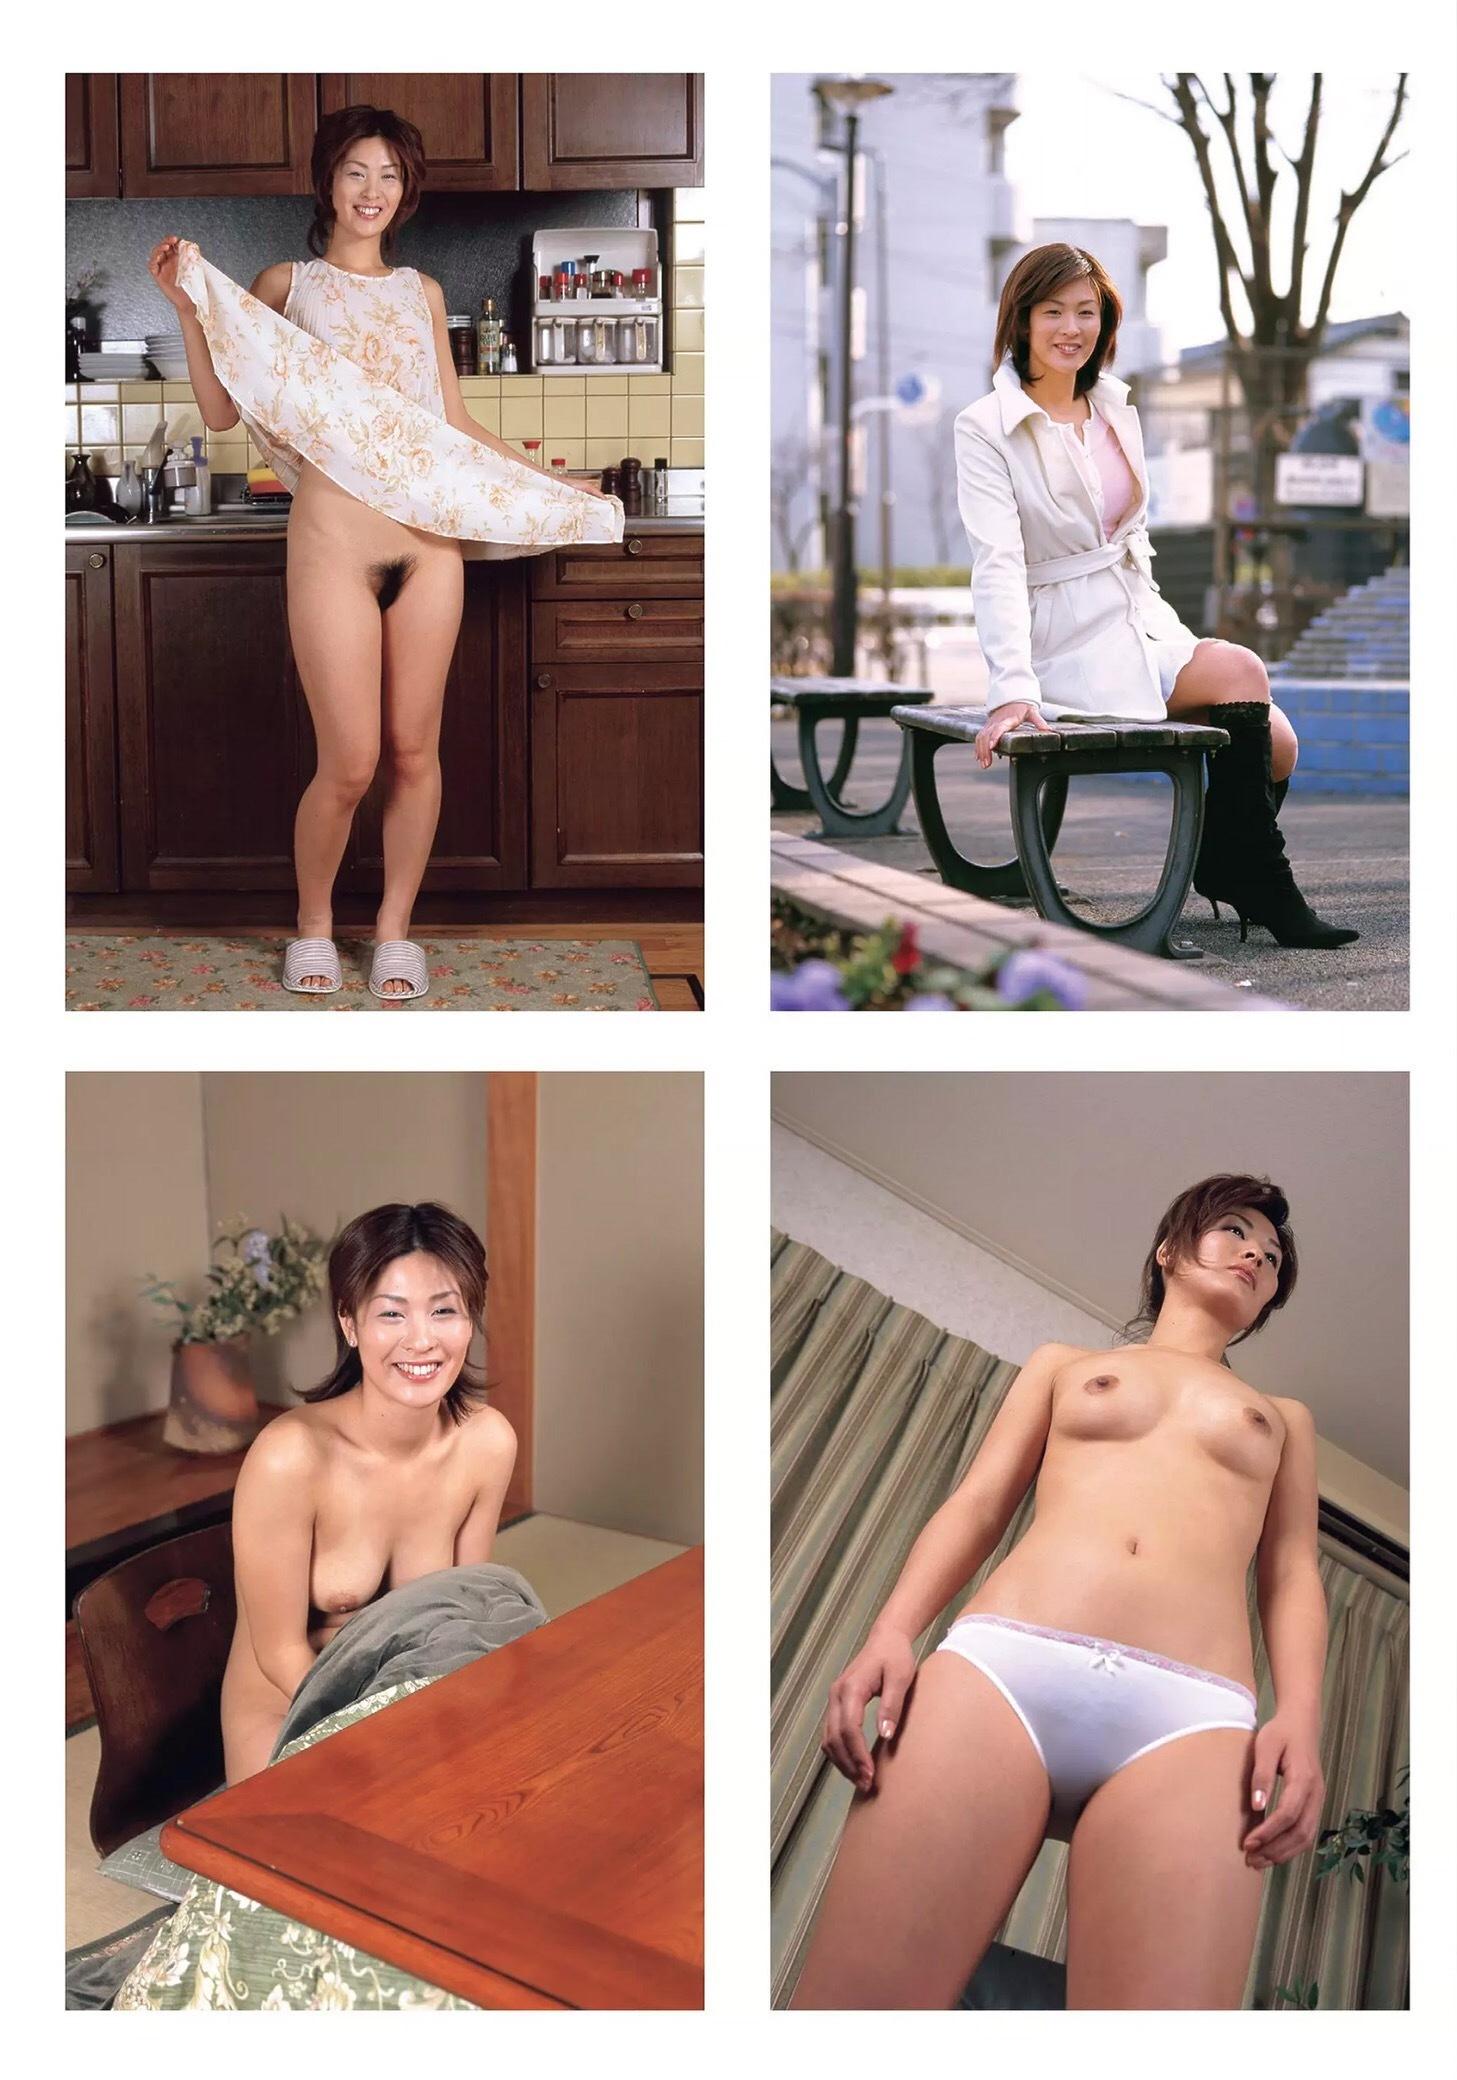 富士出版 無修正ヌード 人妻熟女達が富士出版で魅せる「絹肌八人」ヘアヌード - 素人 ...